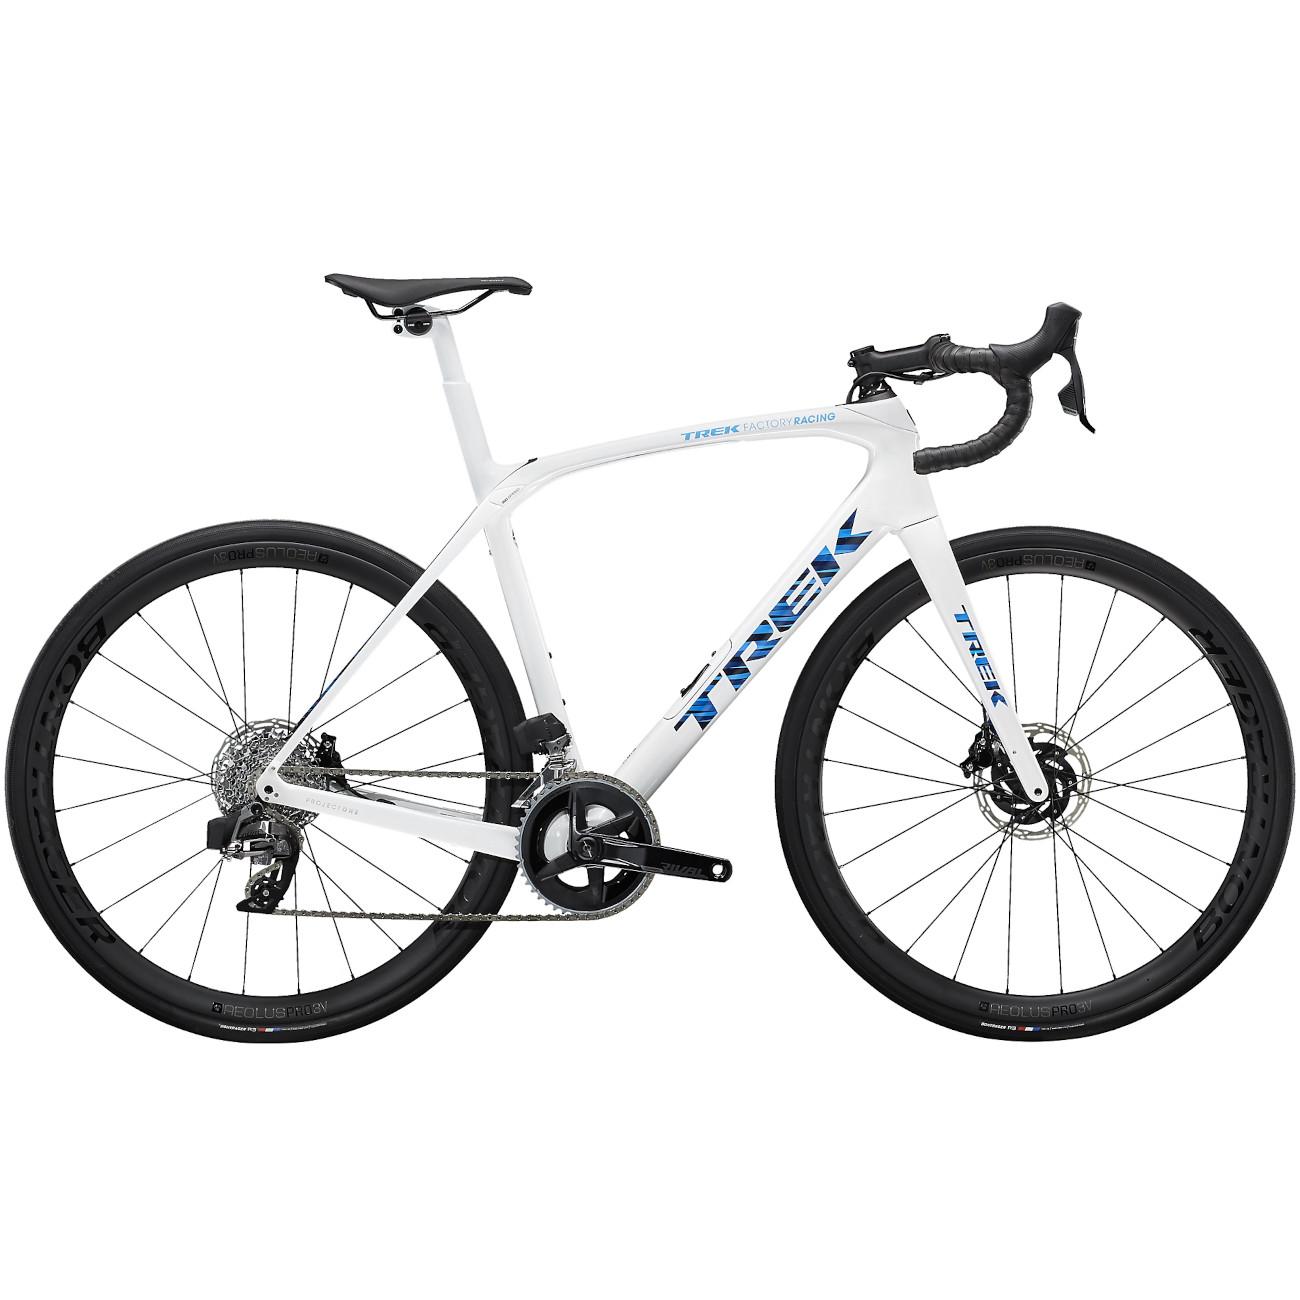 Trek DOMANE SLR 6 Rival eTap Rennrad - 2022 - Trek White / Blue